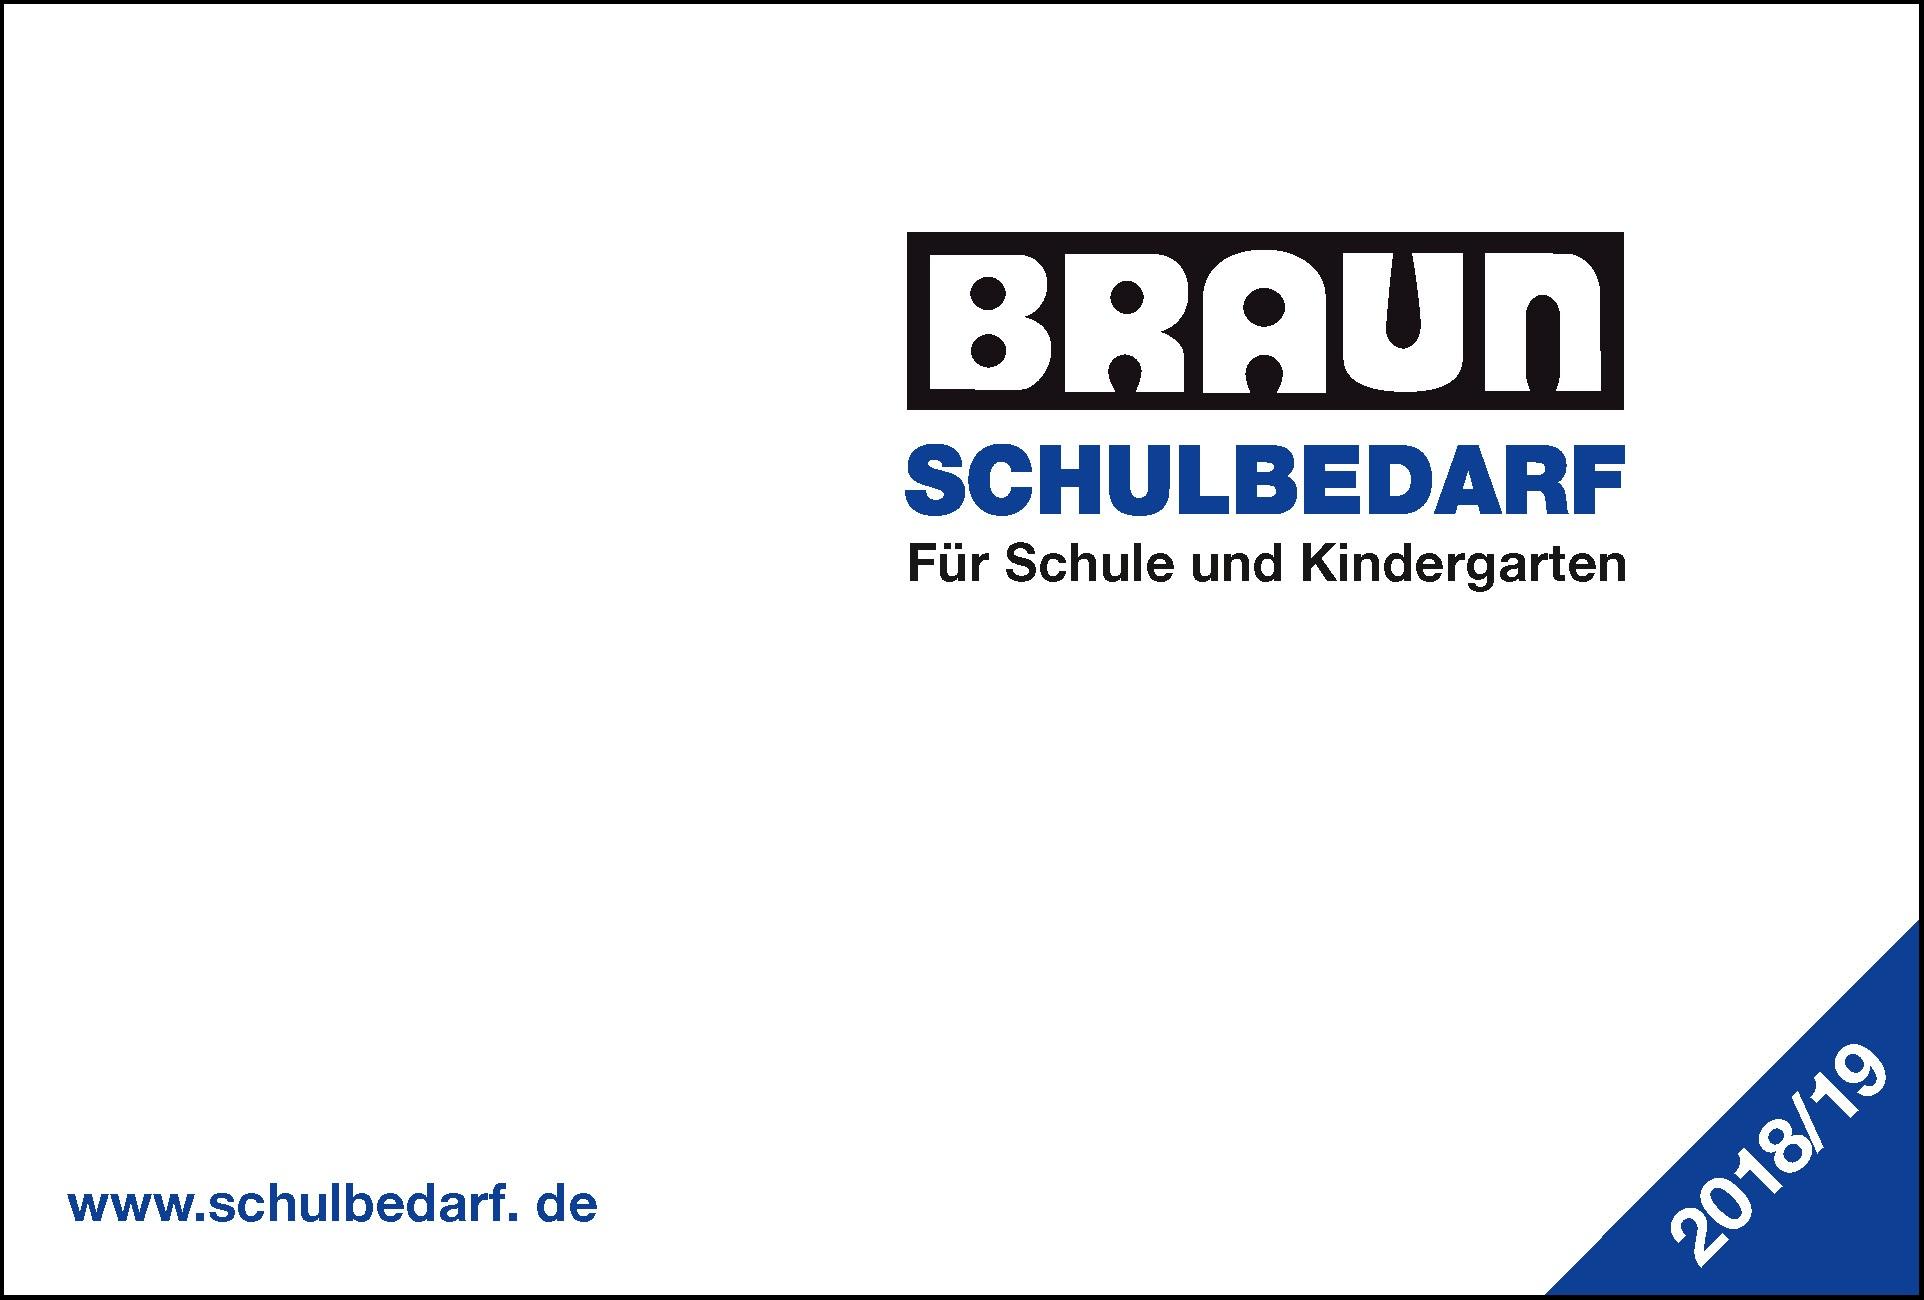 Für Schule und Kindergarten - Bastelbedarf Katalog